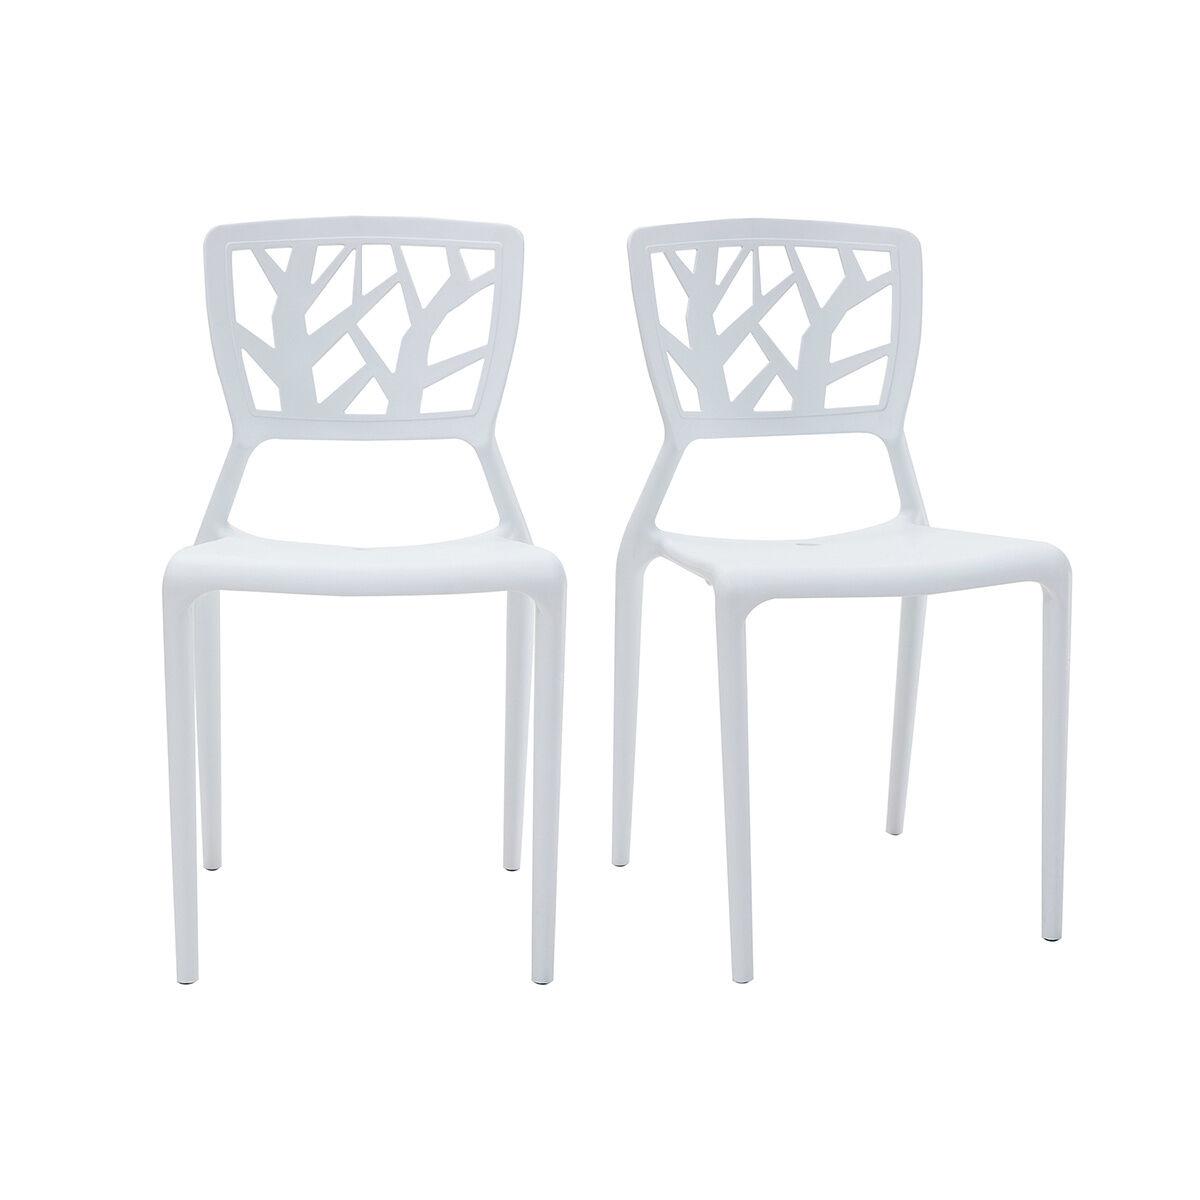 Miliboo Chaises design blanches empilables intérieur / extérieur (lot de 2) KATIA